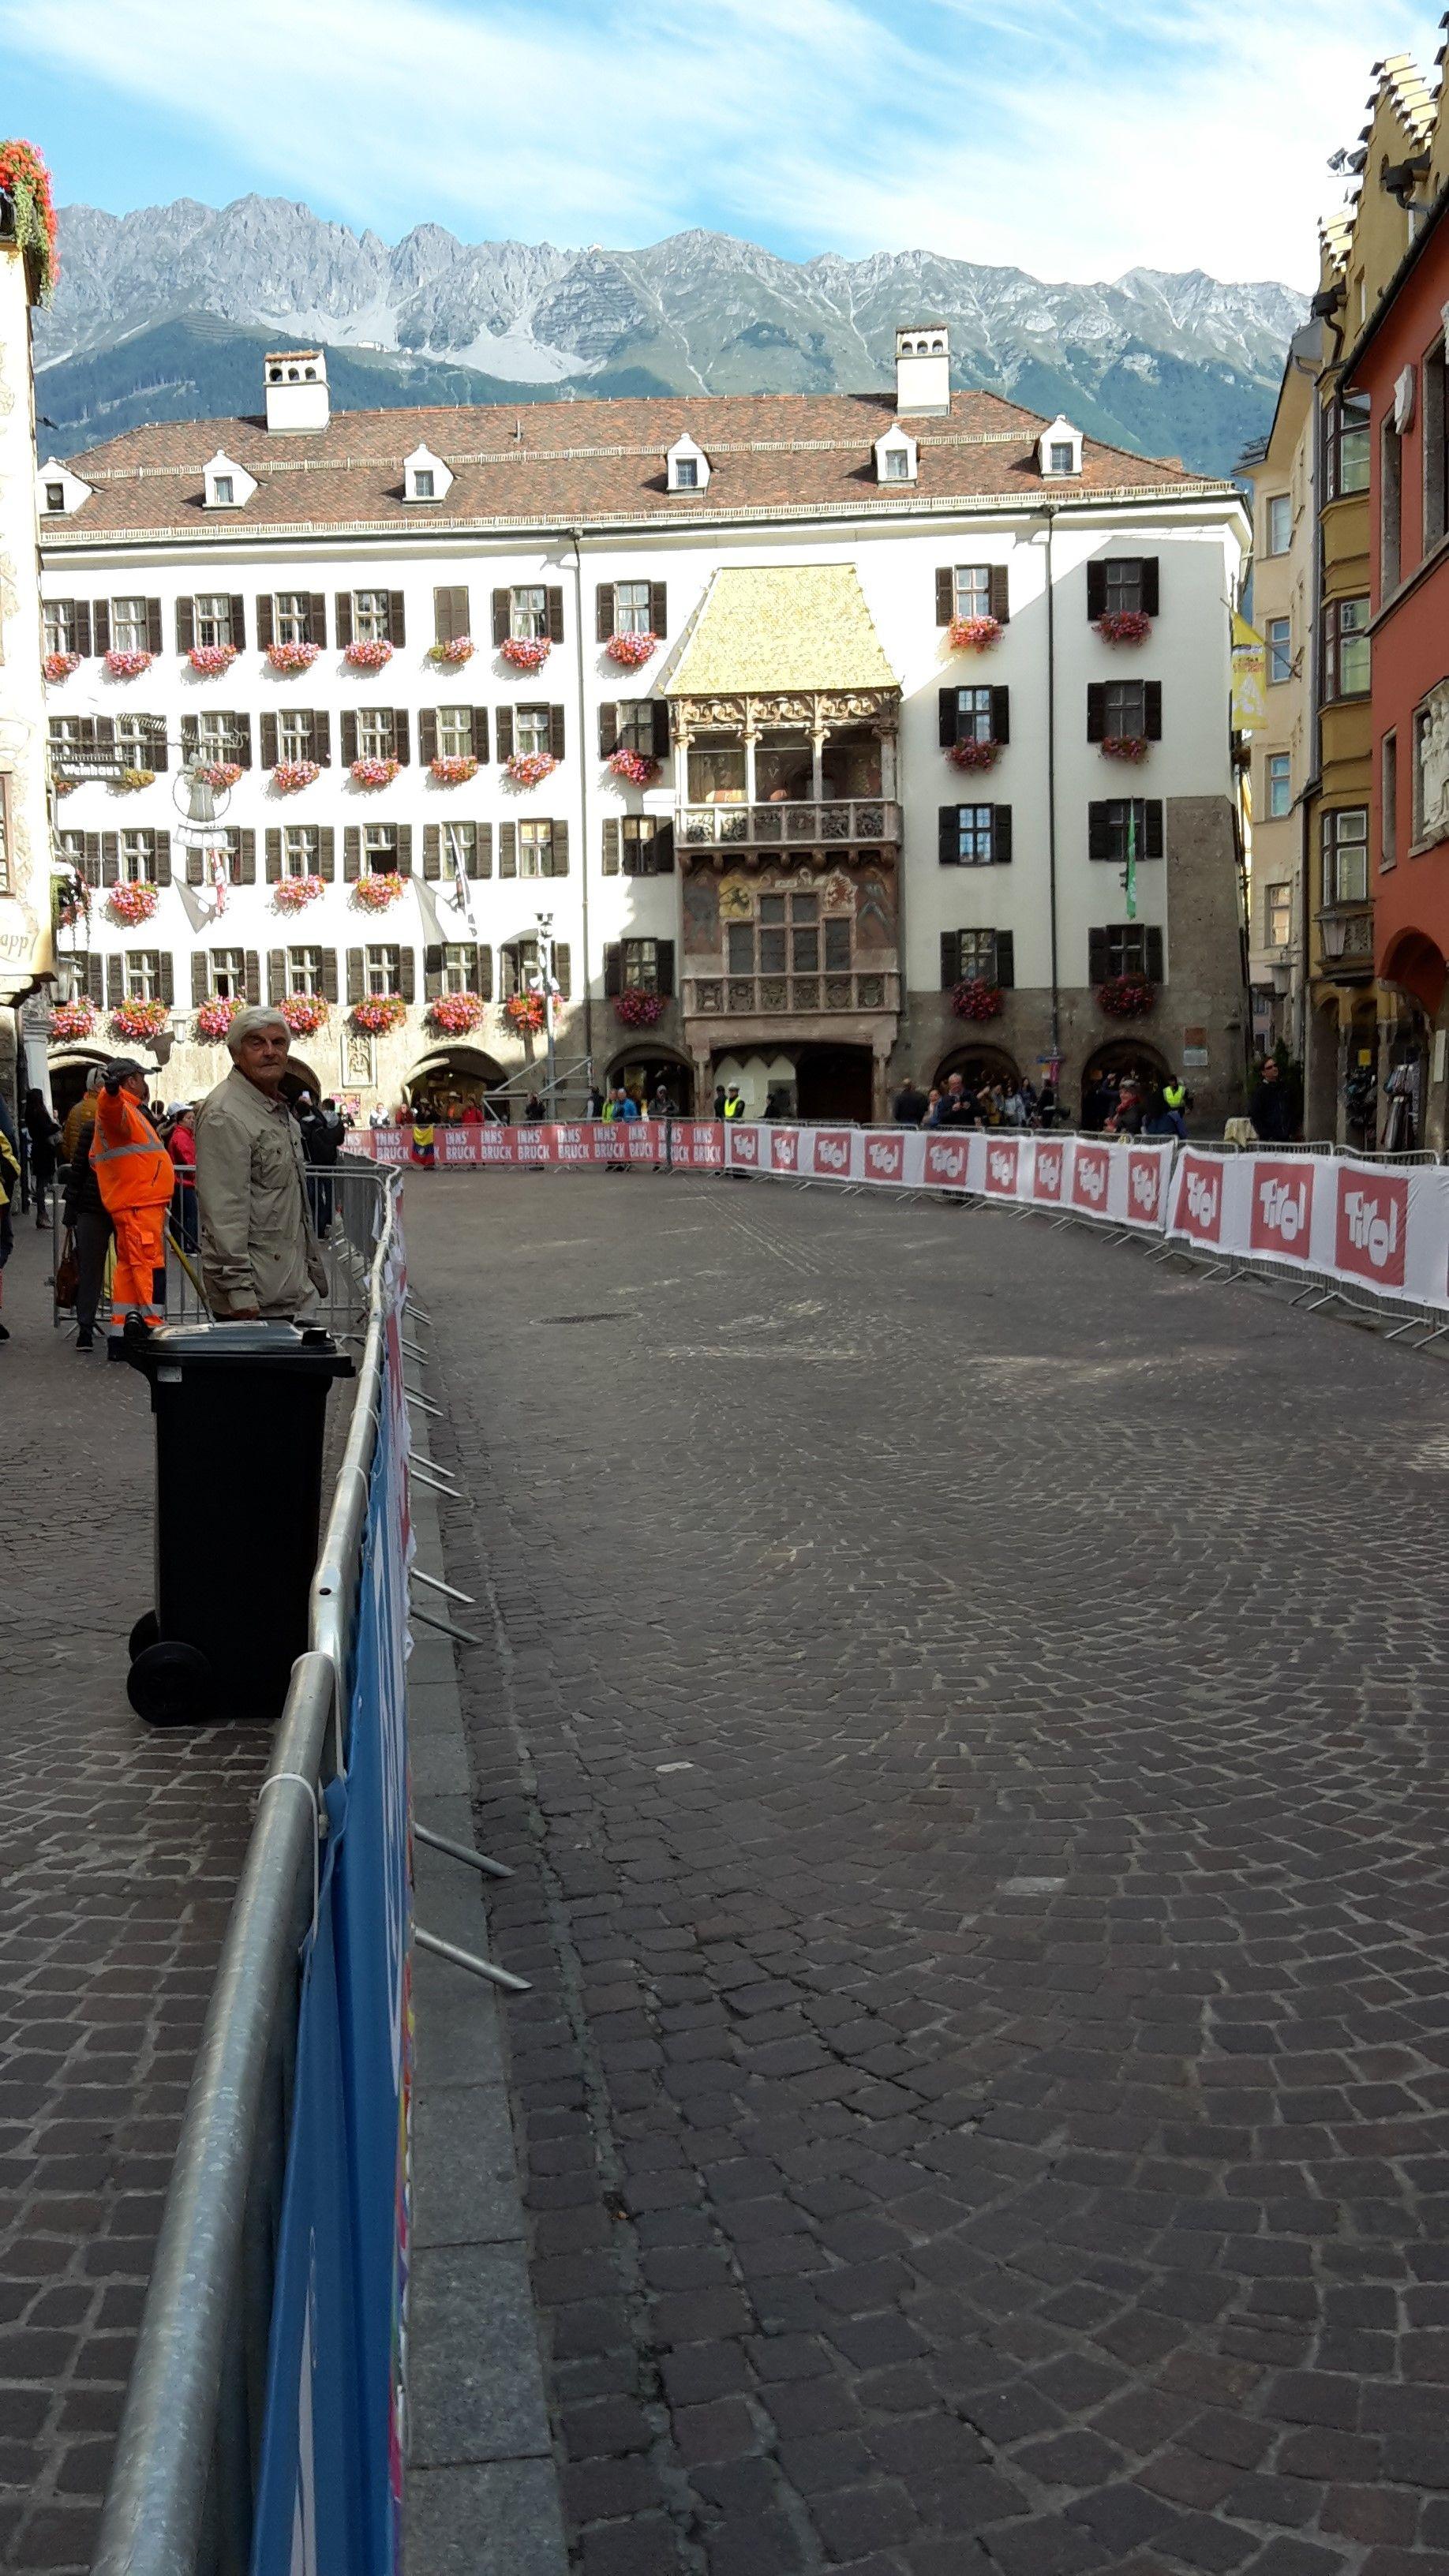 Innsbruck Ist Besonders Die Stadt Mit Alpenfeeling Stellt Sich